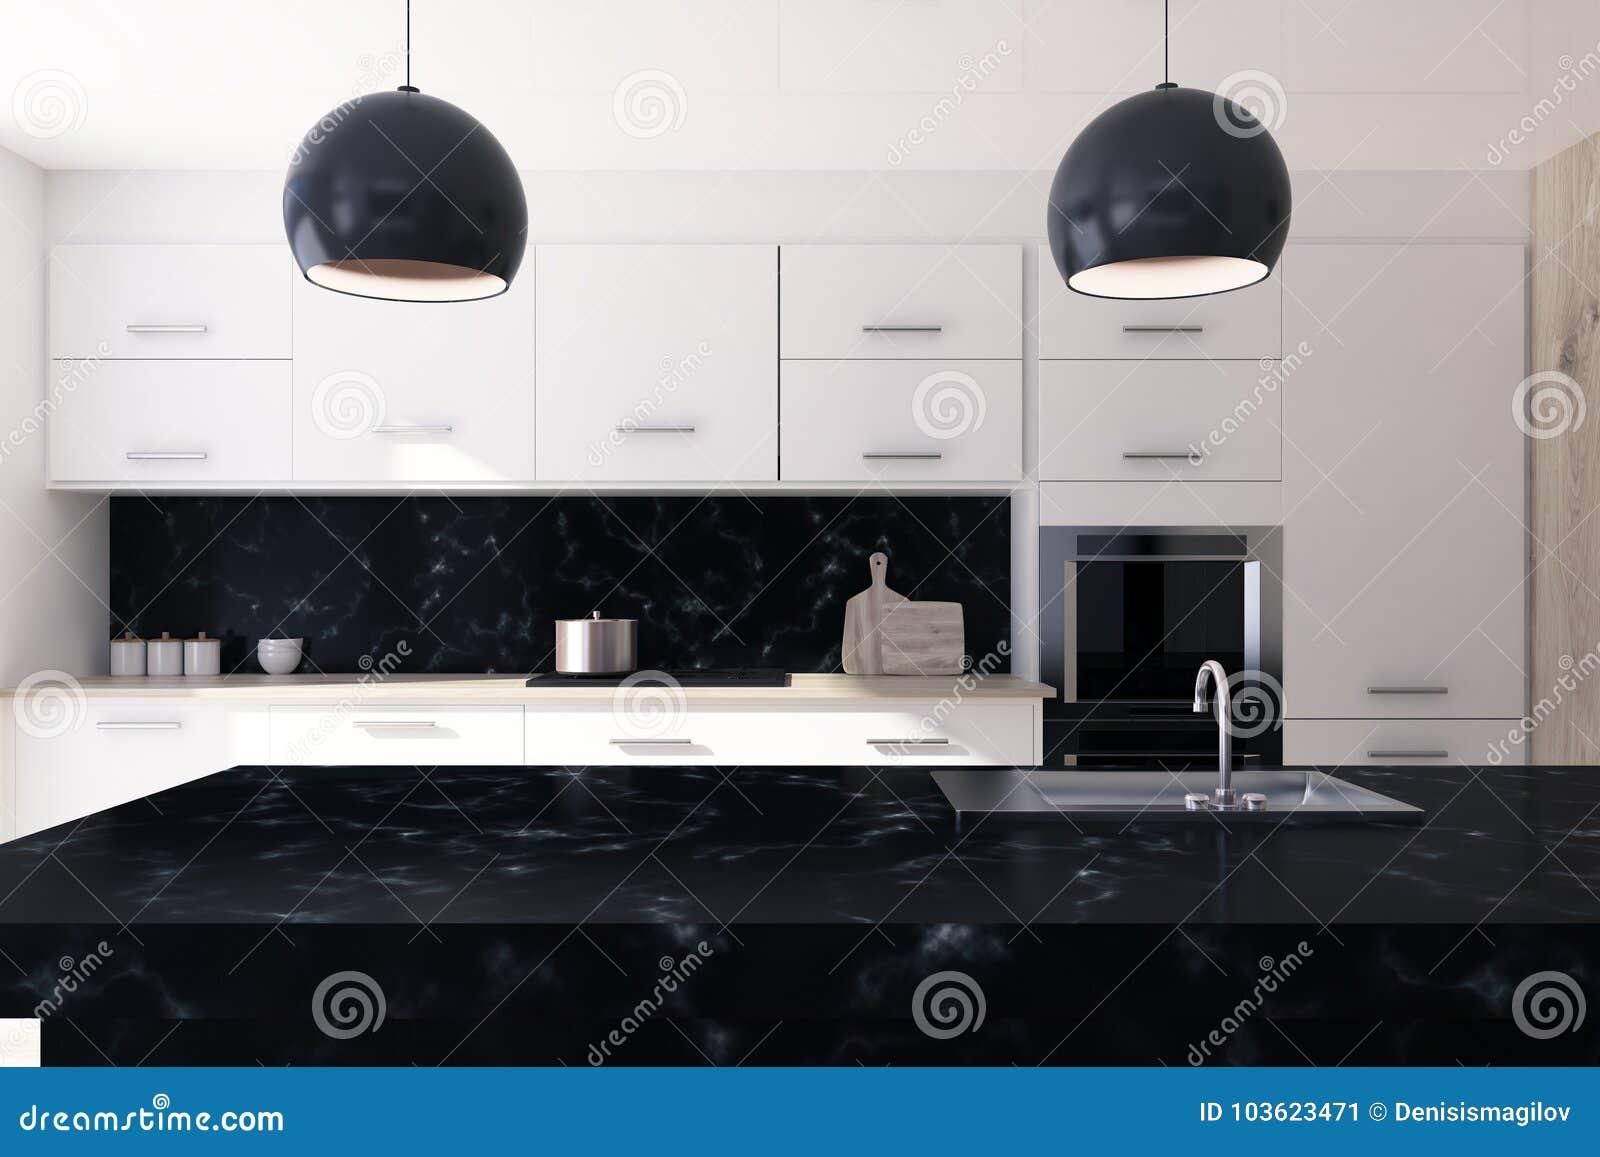 Cucina Di Marmo Bianca E Nera Illustrazione di Stock ...